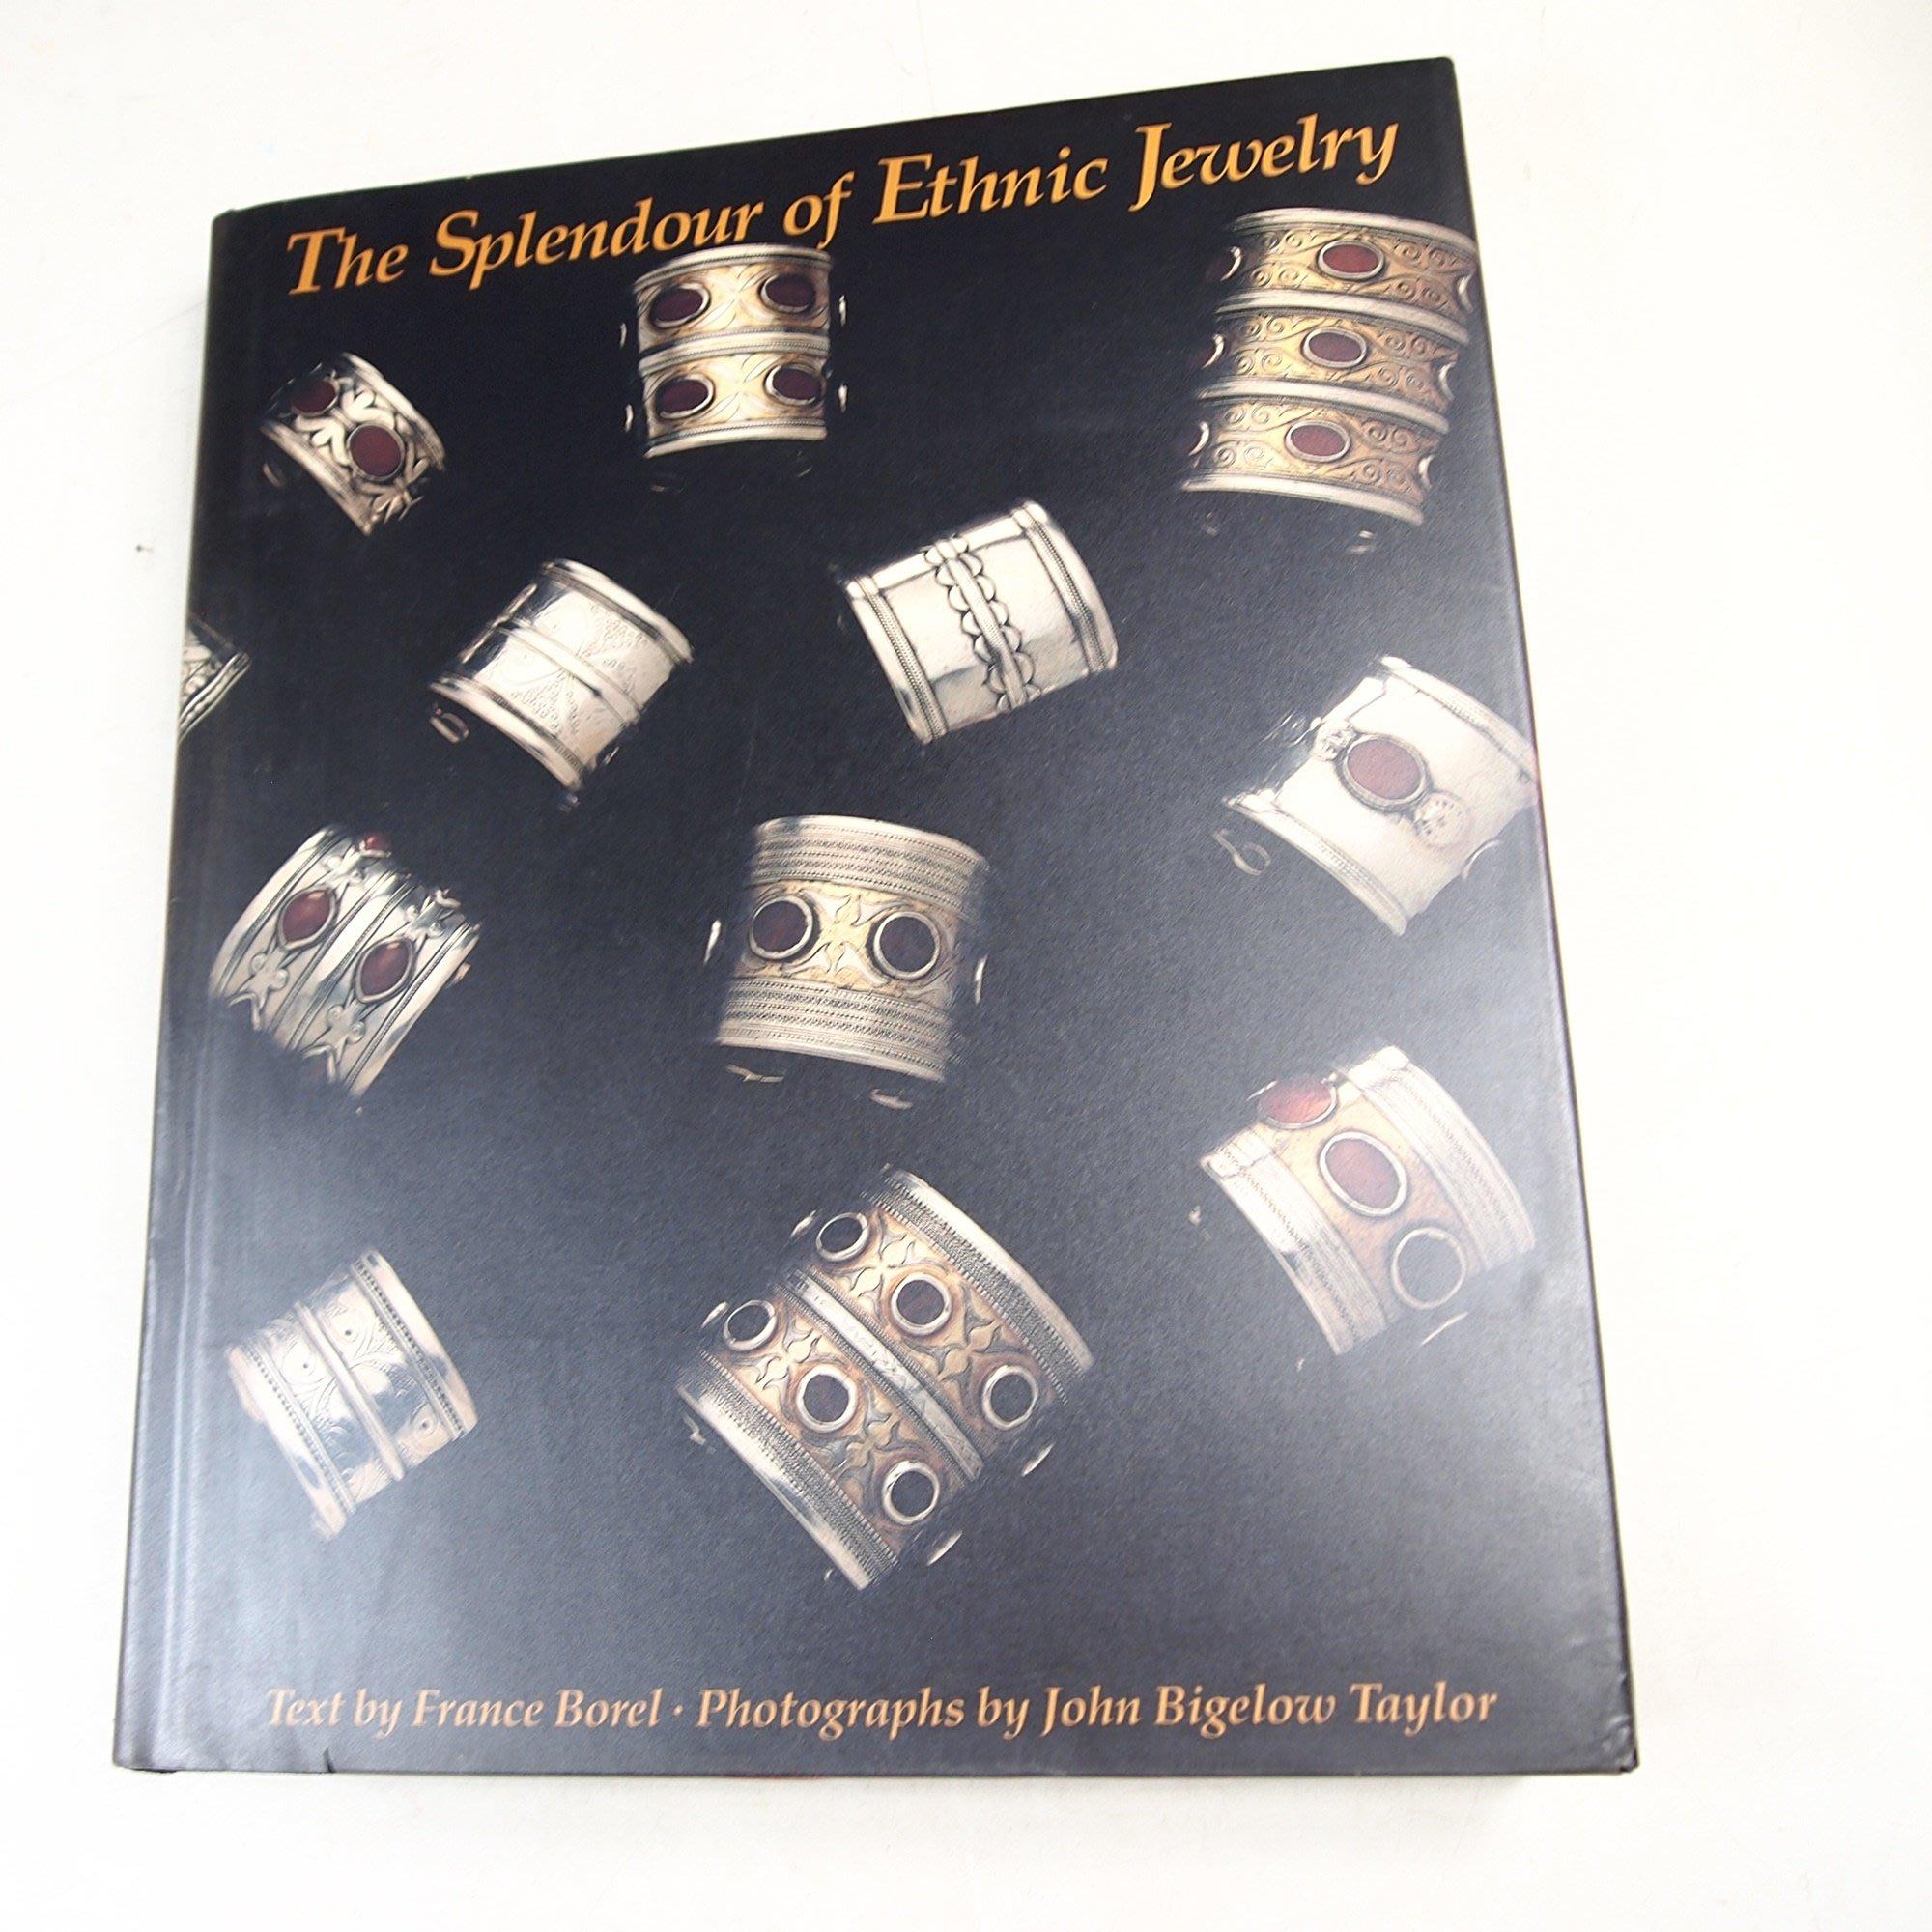 【懶得出門二手書】《The Splendour of Ethnic Jewelry》│││八成新(21E走道)